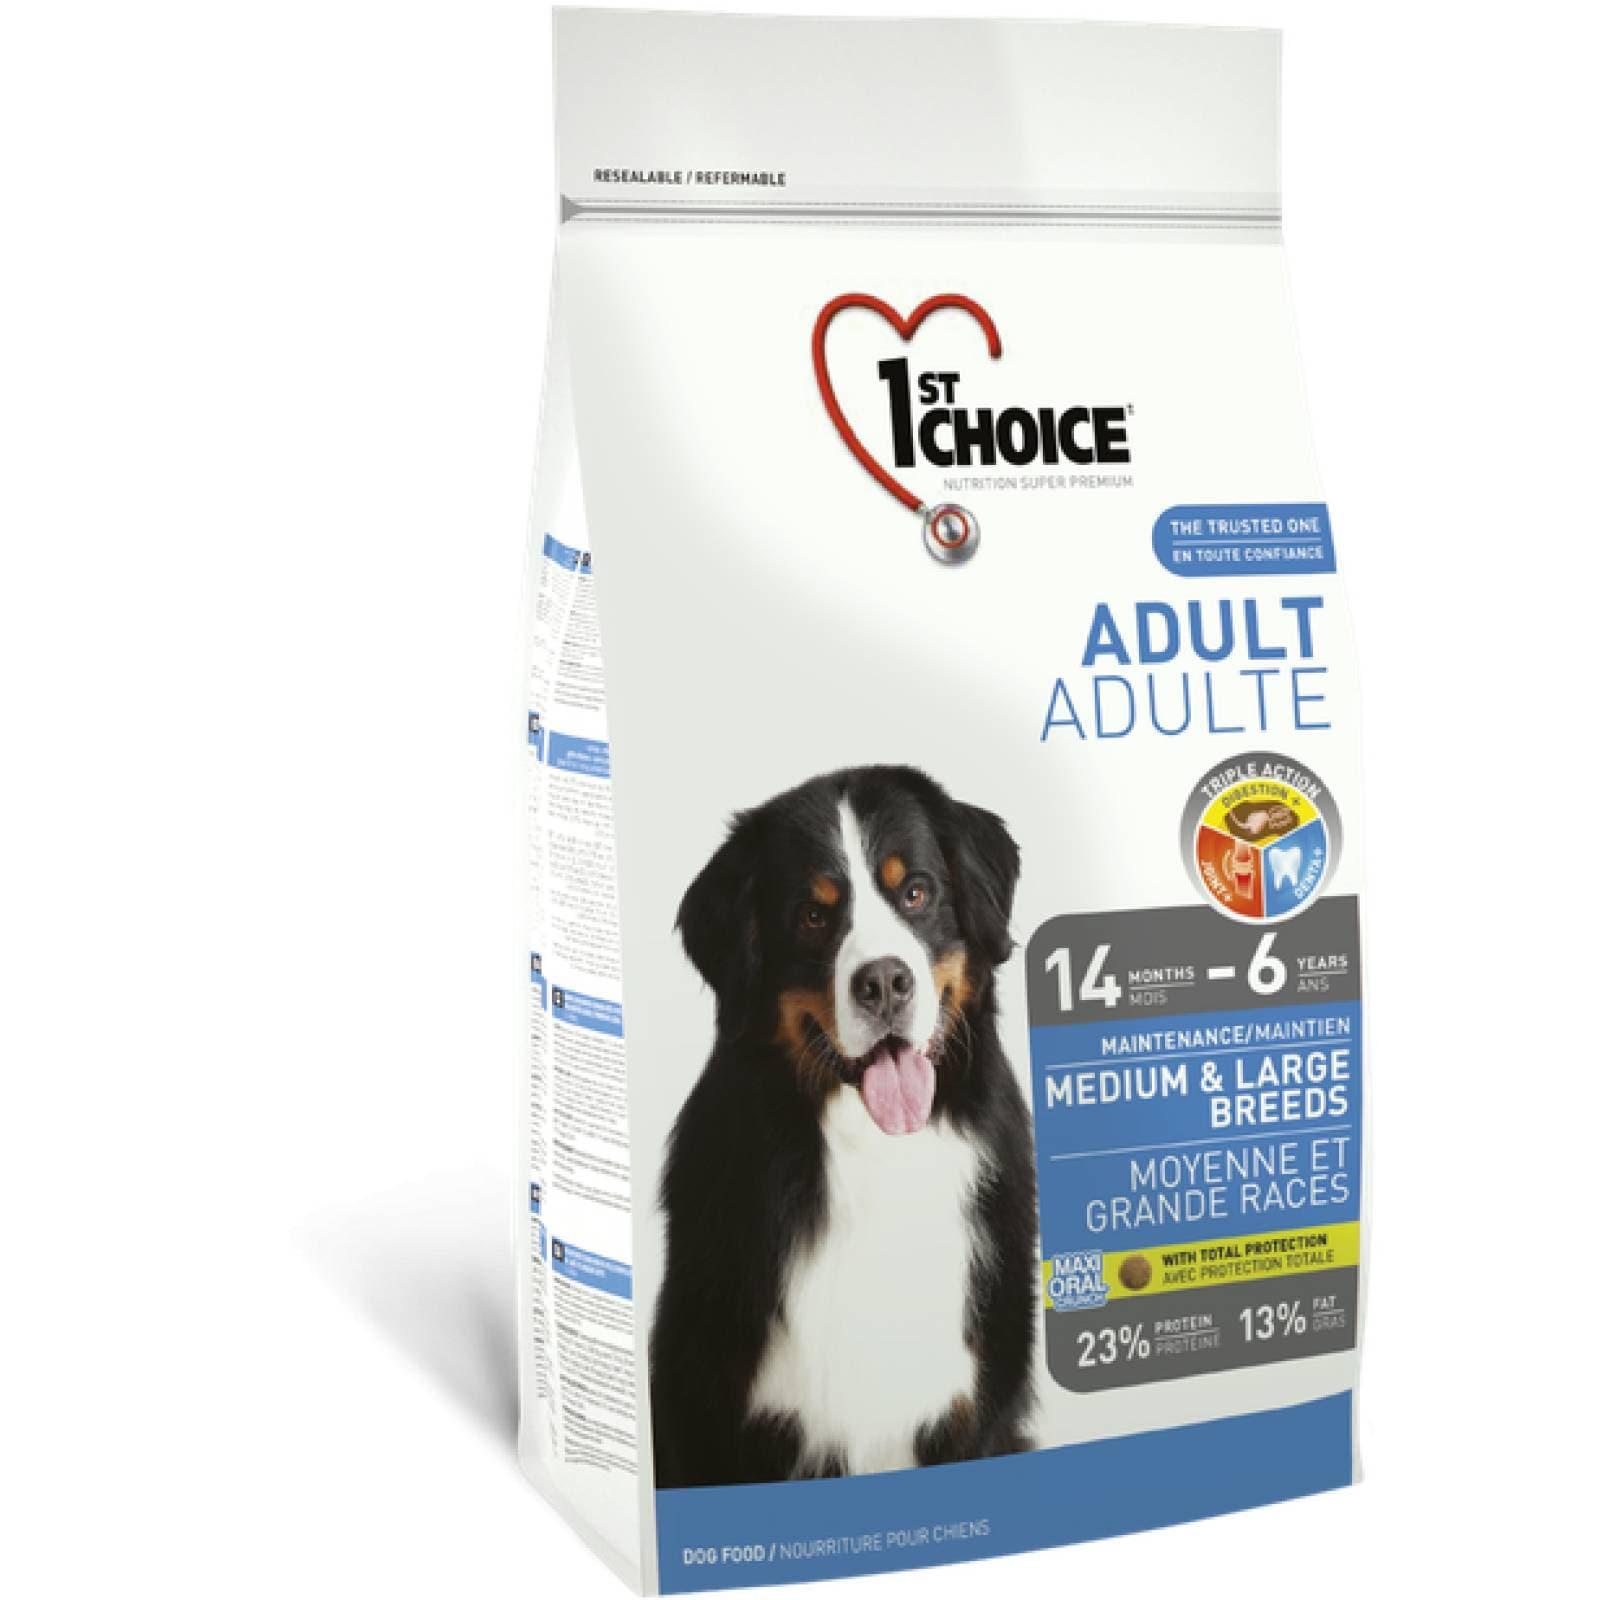 1ST Choice Alimento para Perro Adulto Raza Mediana y Grande Fórmula de pollo Edad: 14 meses  a 6 años 7 kg